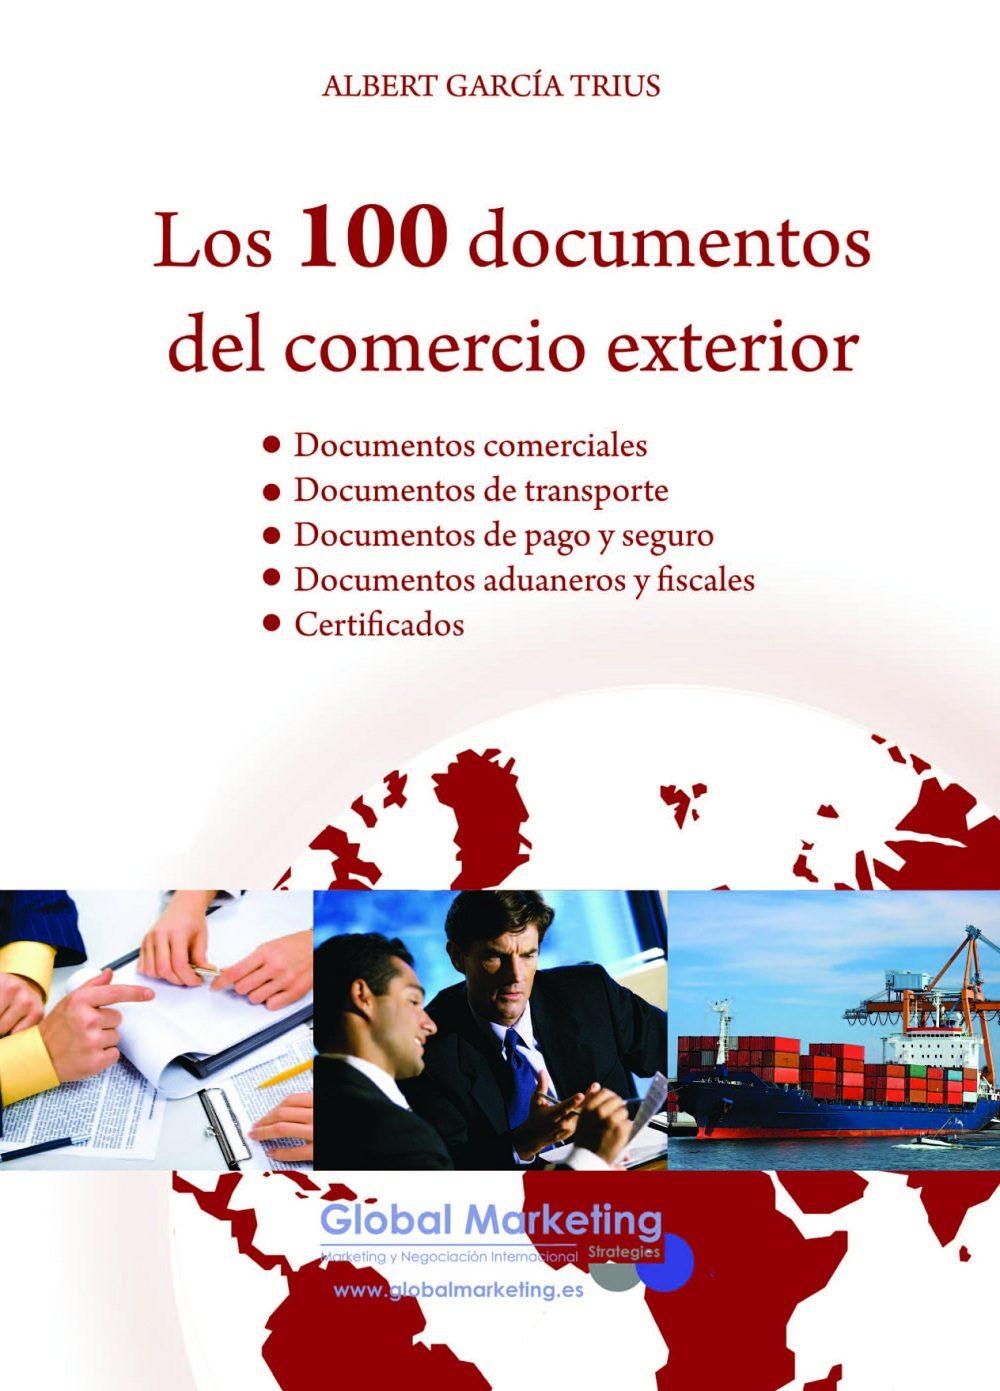 Los 100 Documentos Del Comercio Exterior: Documentos Comerciales. Documentos De Transporte. Documentos De Pago Y Seguro. Documentos Aduaneros Y Fiscales. Certificados por Albert Garcia Trius